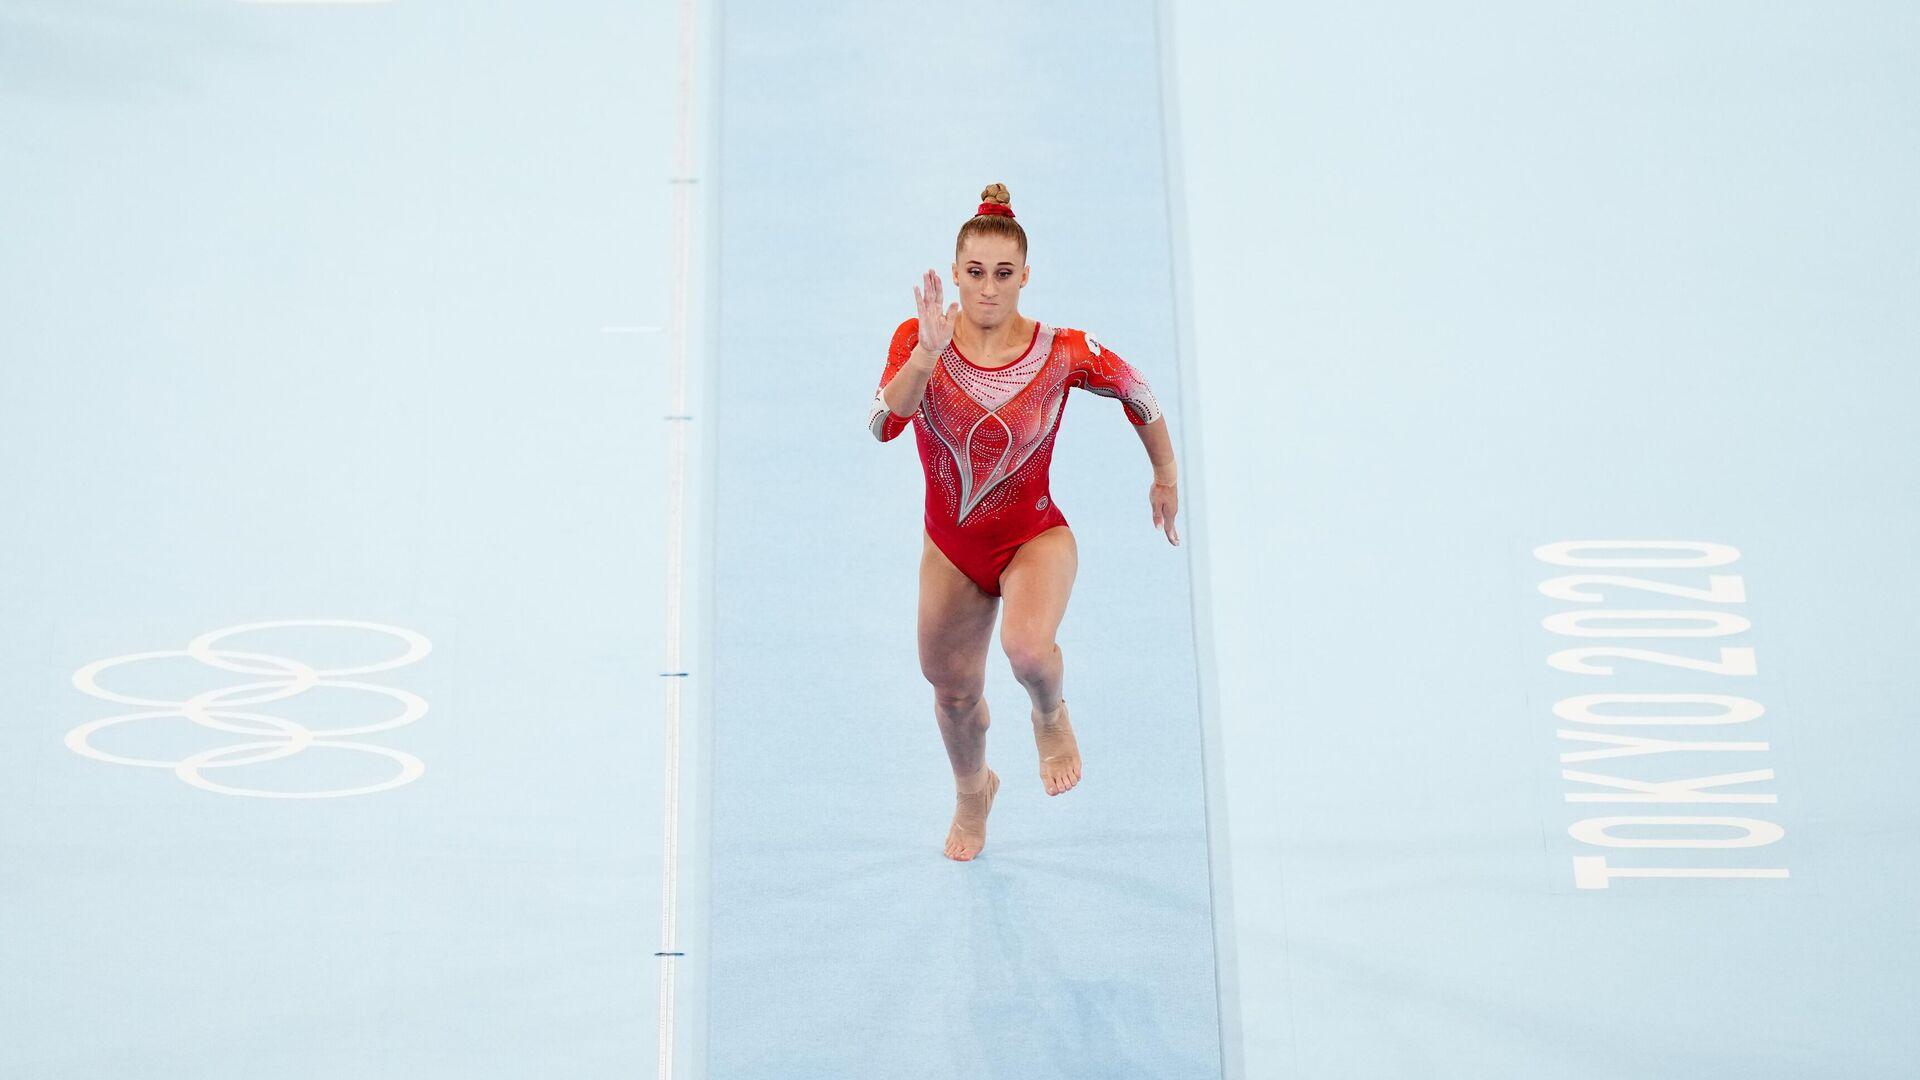 Олимпиада-2020. Спортивная гимнастика. Женщины. Опорный прыжок - РИА Новости, 1920, 01.08.2021